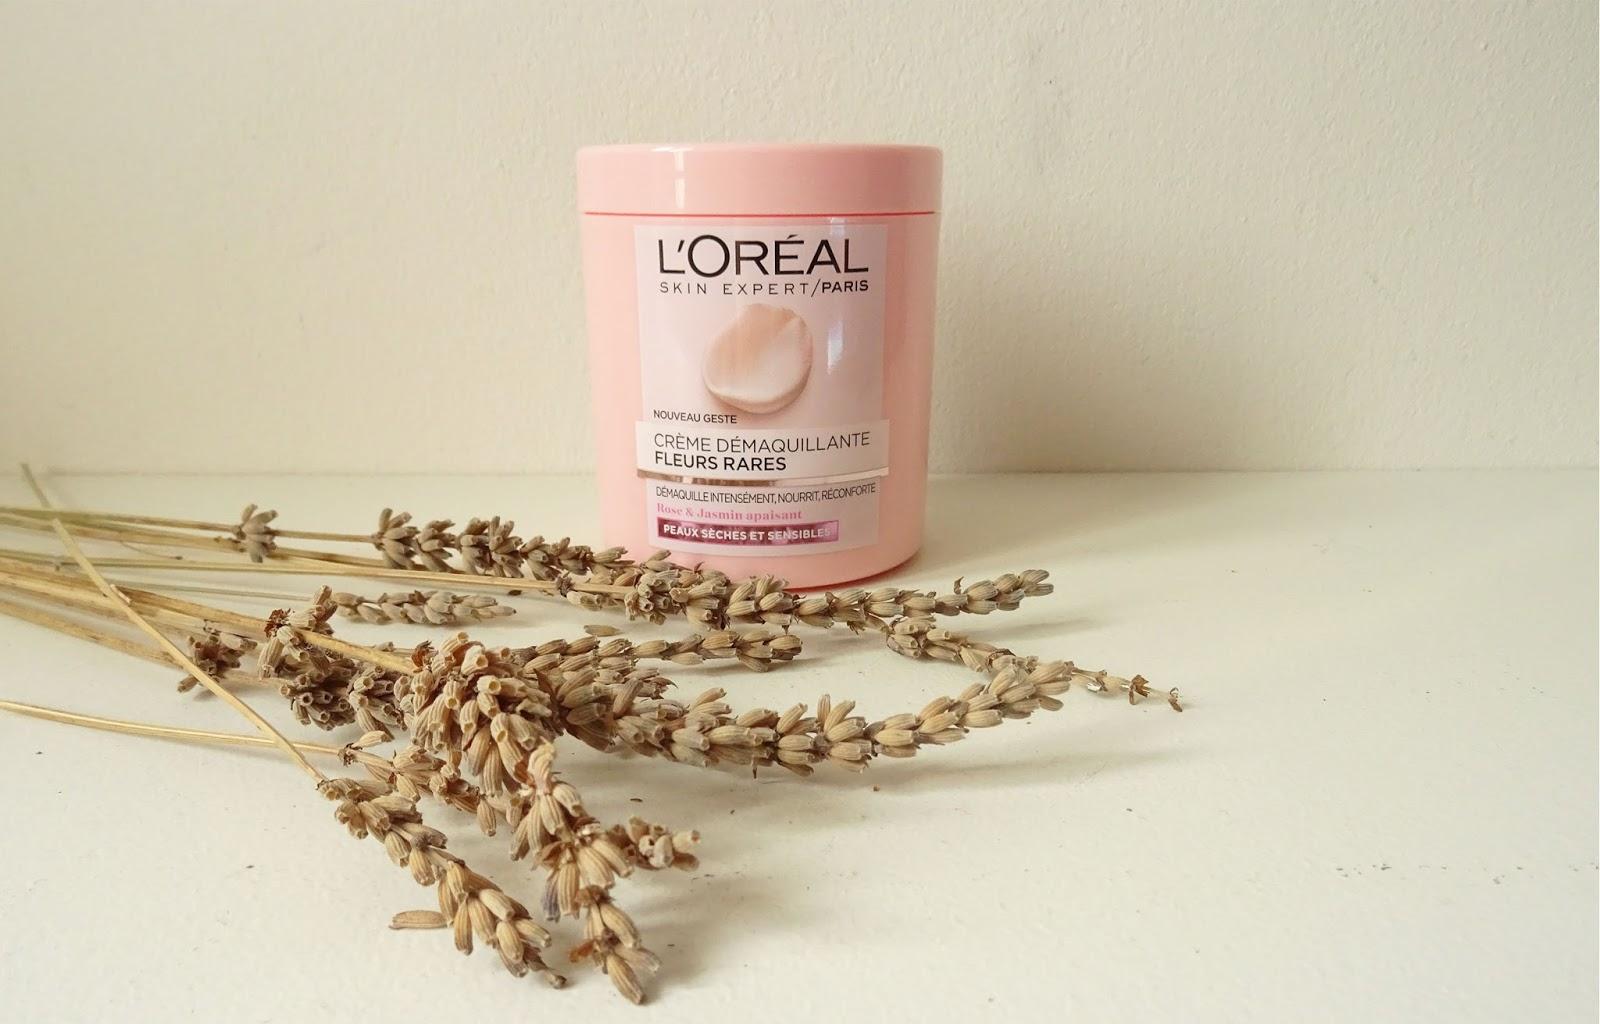 La crème démaquillante Fleurs rares L'Oréal